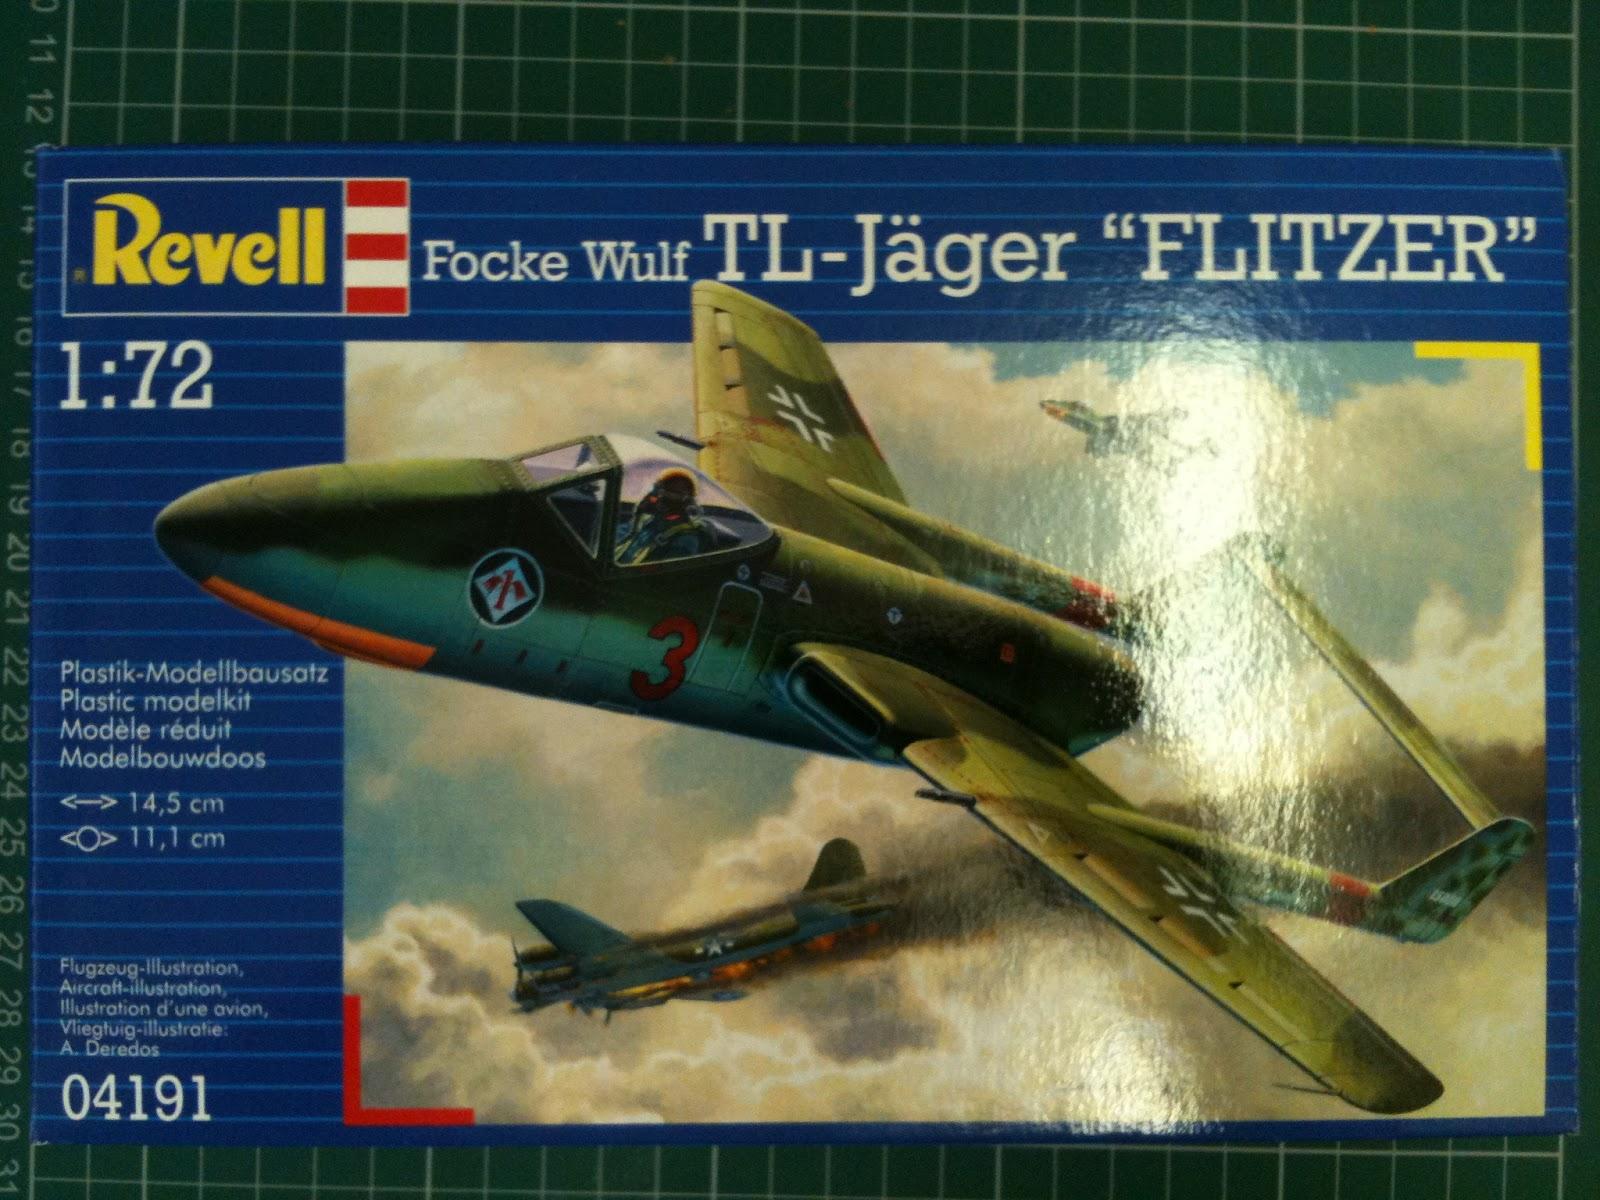 Luftwaffe 46 et autres projets de l'axe à toutes les échelles(Bf 109 G10 erla luft46). - Page 19 Photo(15)